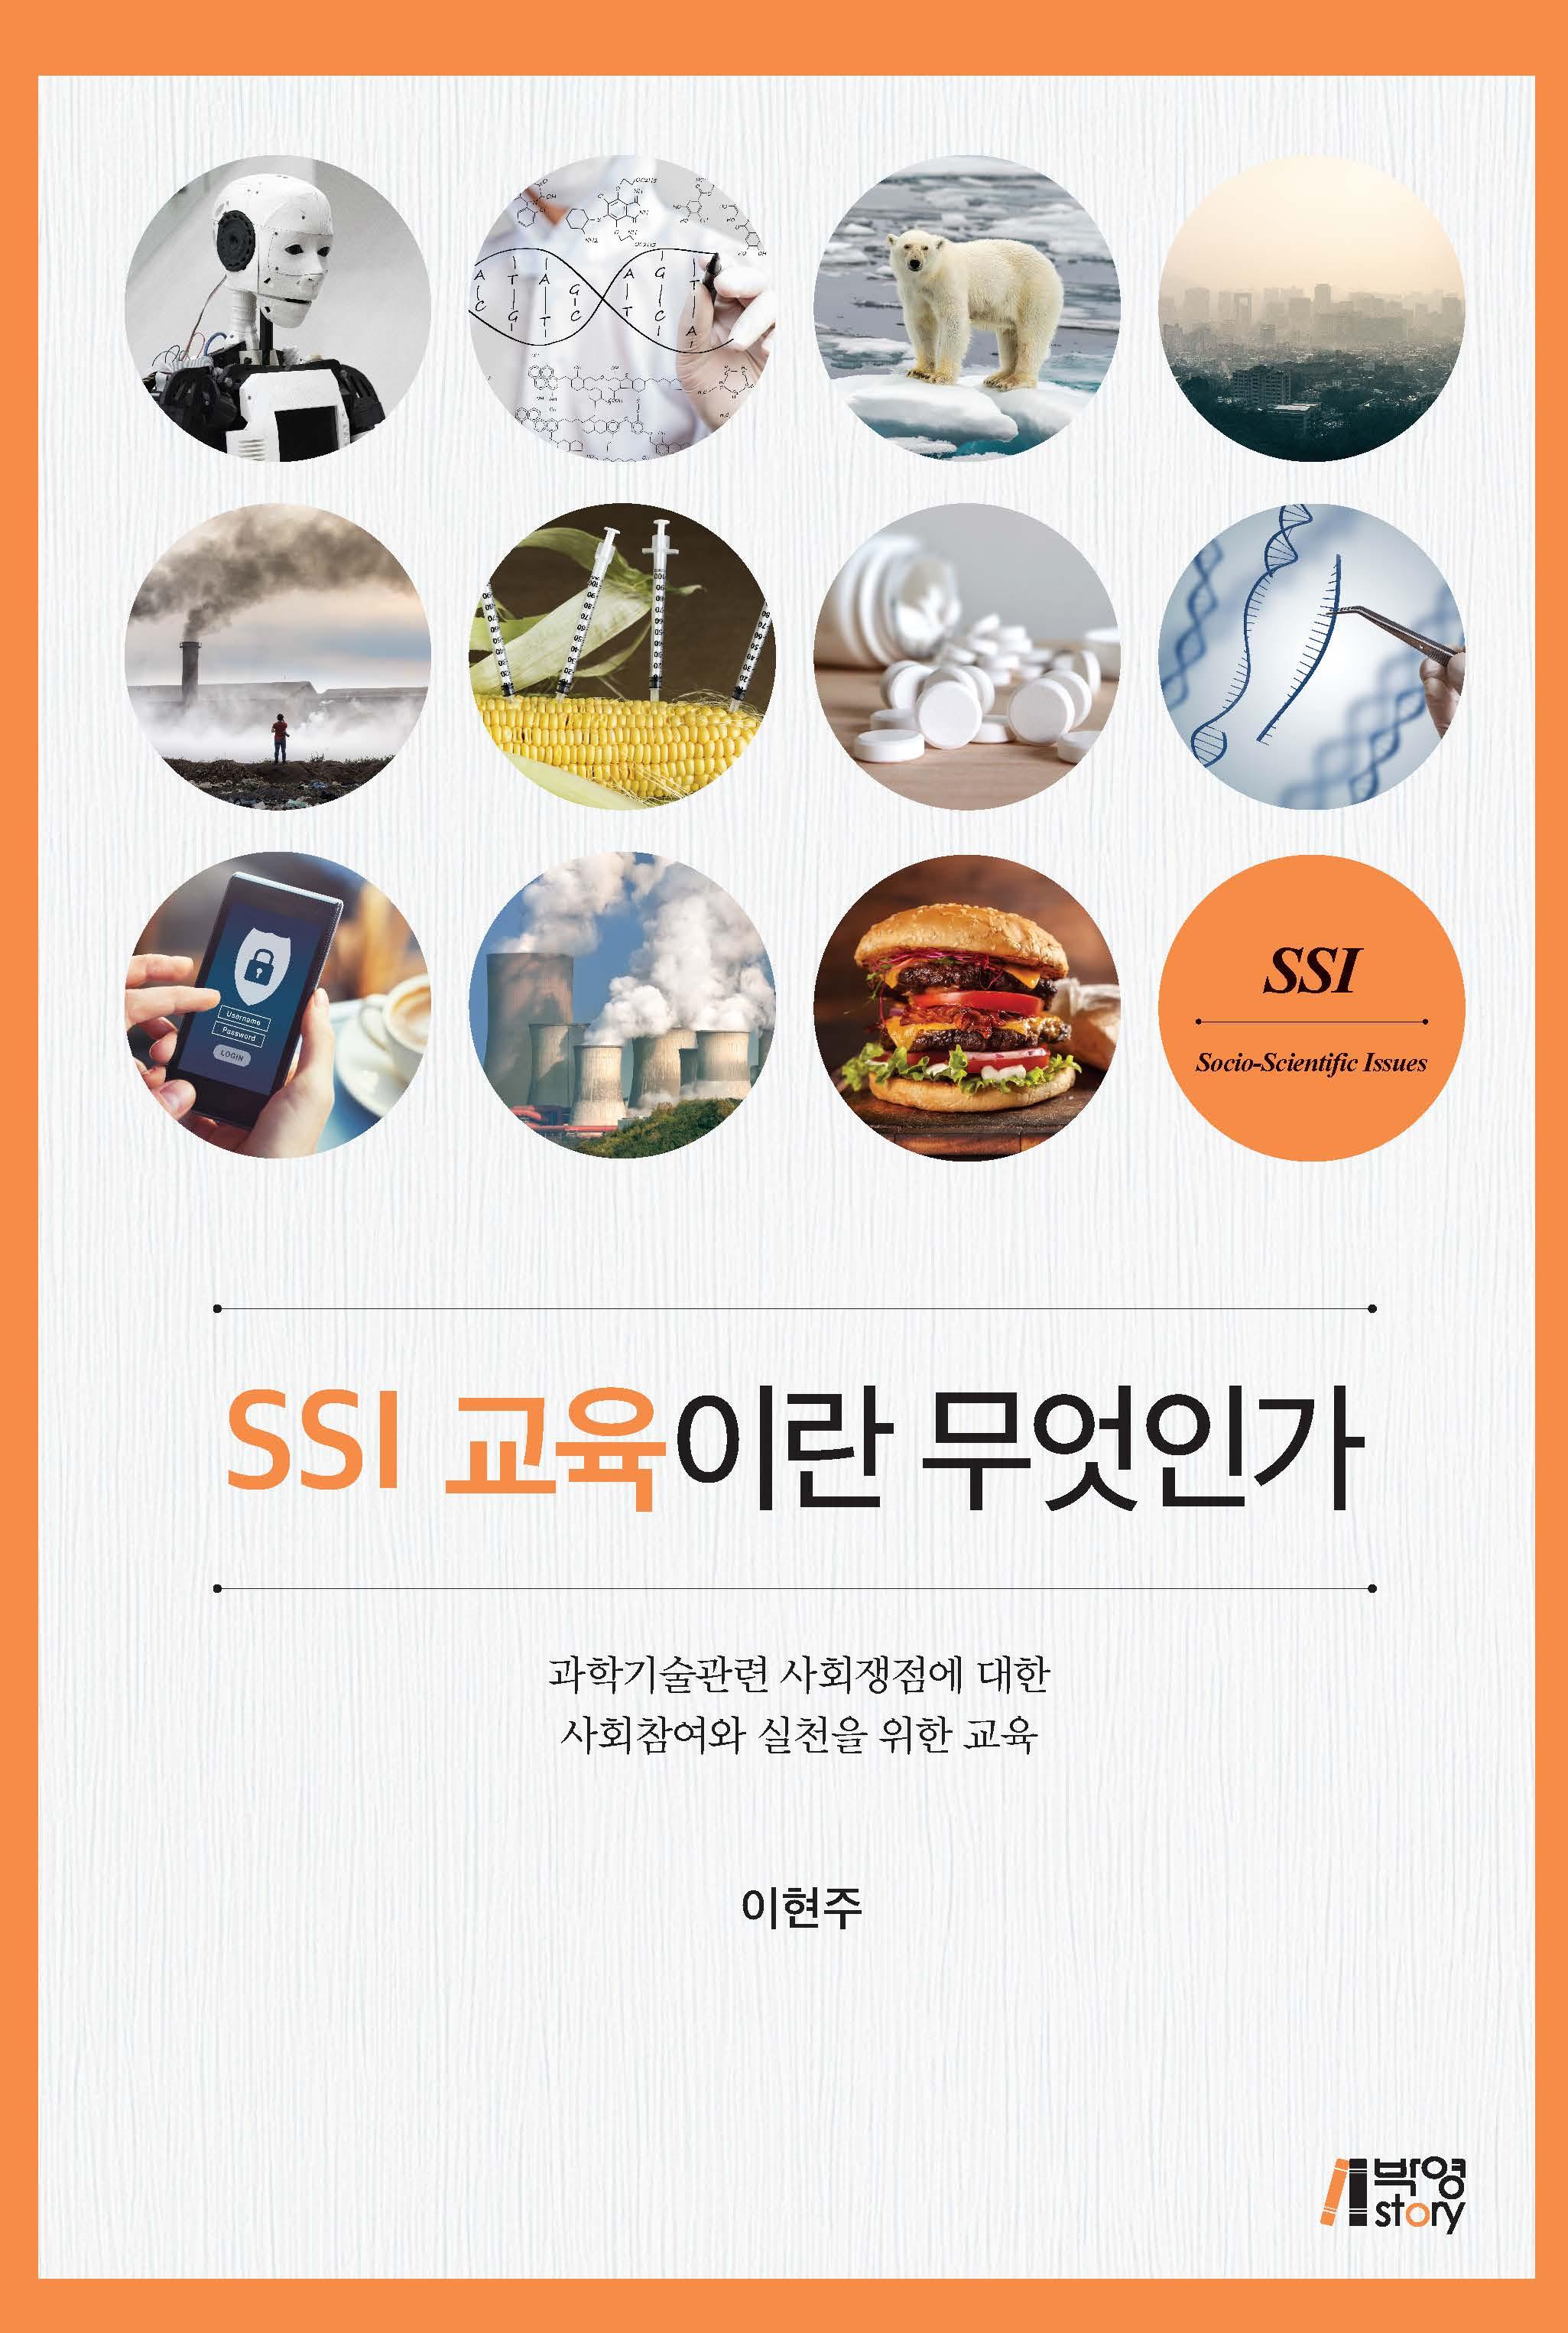 SSI 교육이란 무엇인가 : 과학기술관련 사회쟁점에 대한 사회참여와 실천을 위한 교육